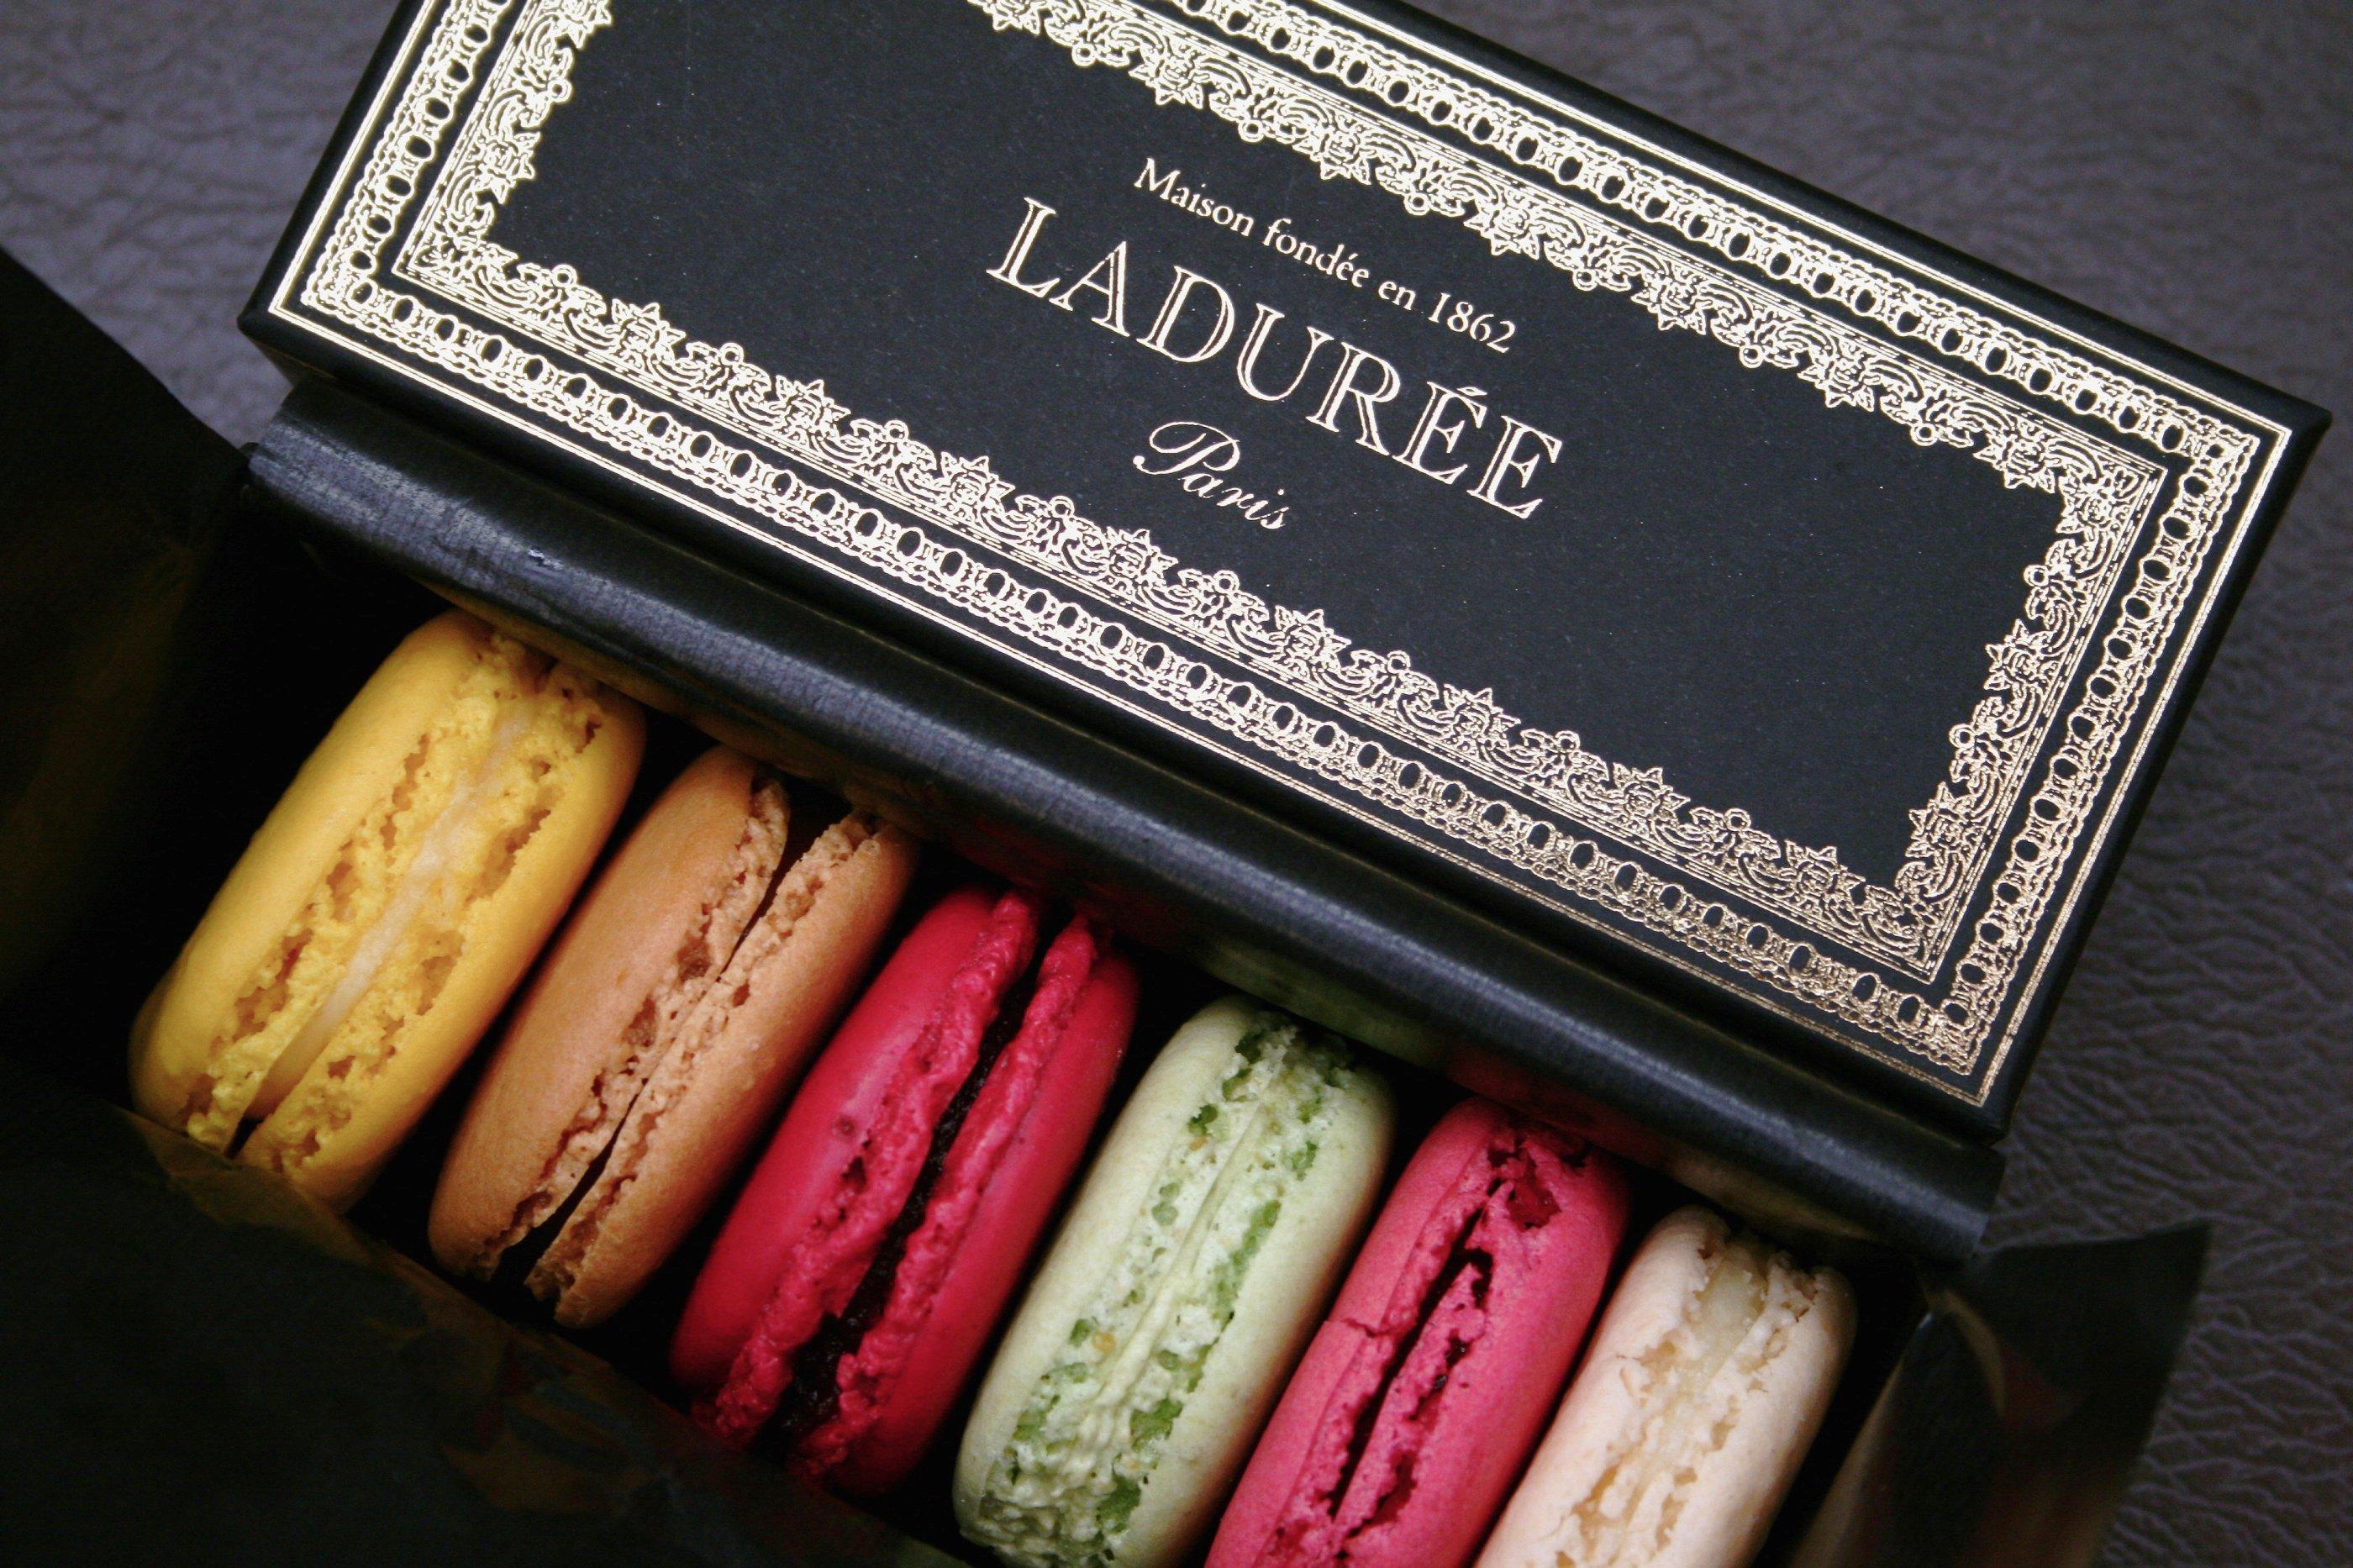 Macarons Ladurée - © Louis Beche/flickr